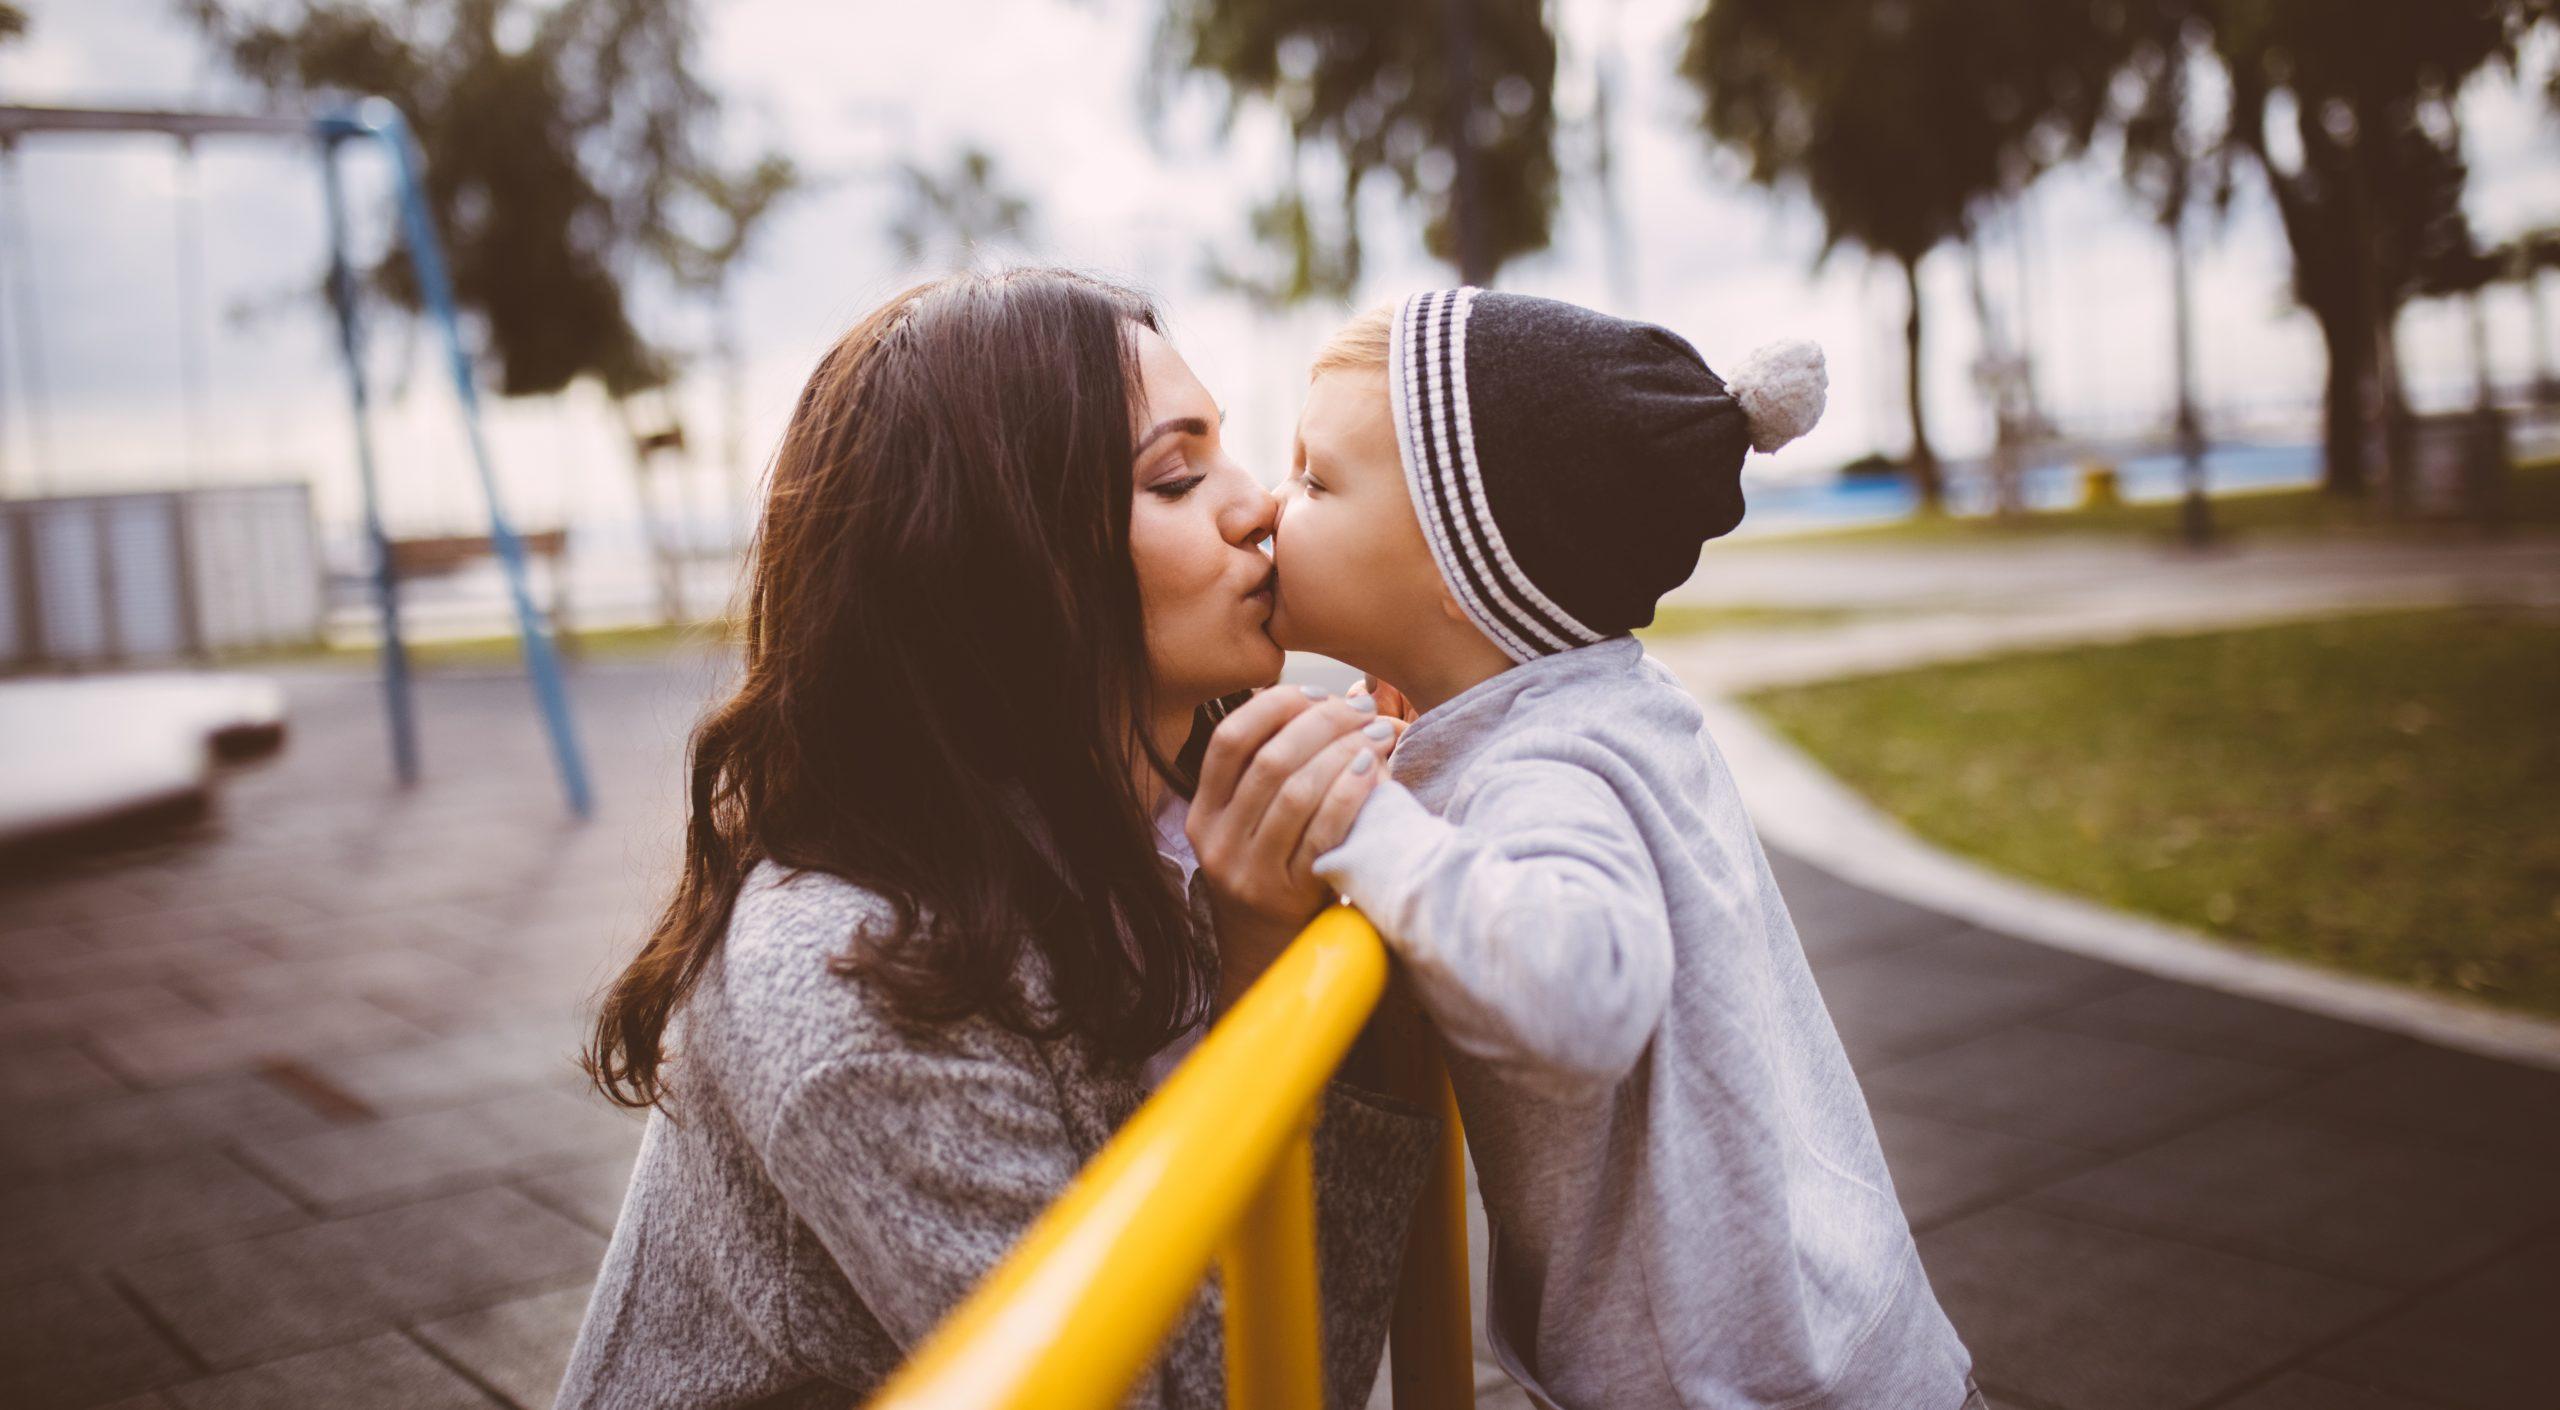 Maman nous enseigne comment baiser